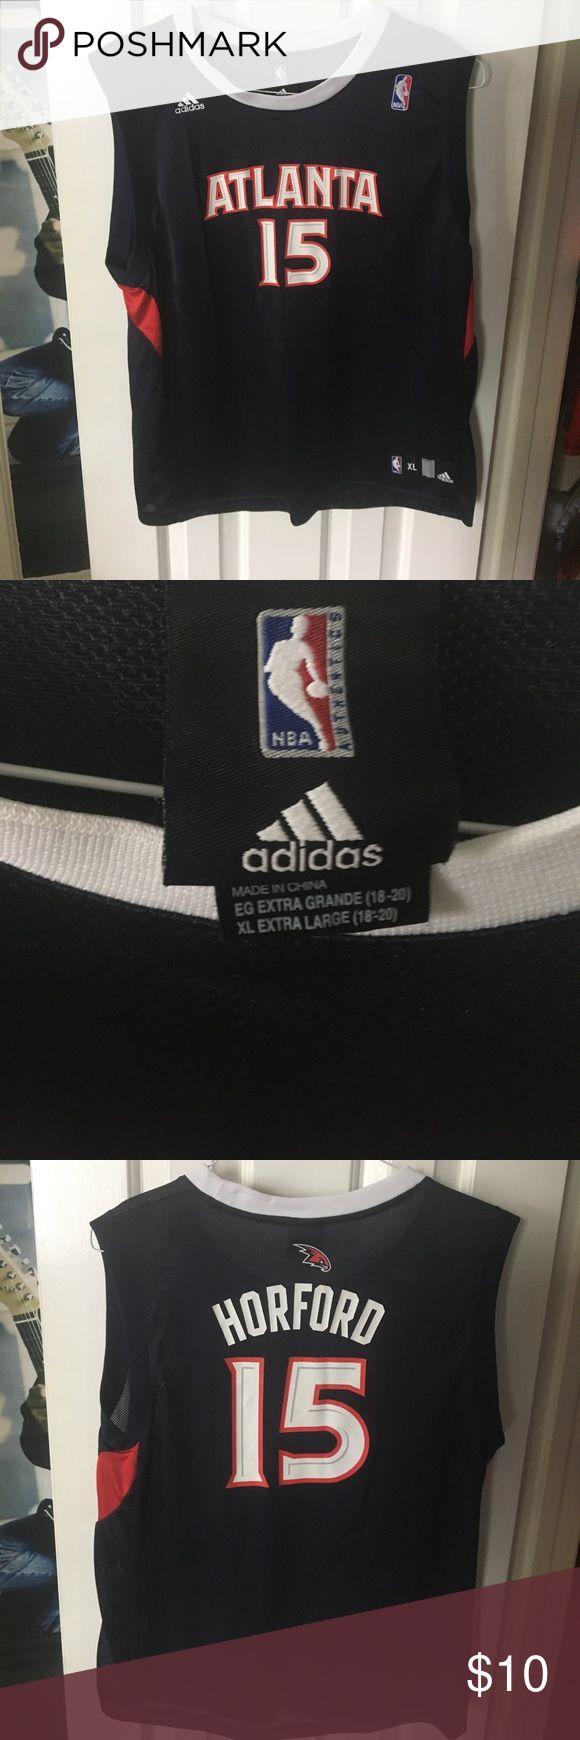 Adidas Atlanta Hawks Al Horford #15 - youth XL Adidas Atlanta Hawks Al Horford #15 - youth XL. Like new condition adidas Shirts & Tops